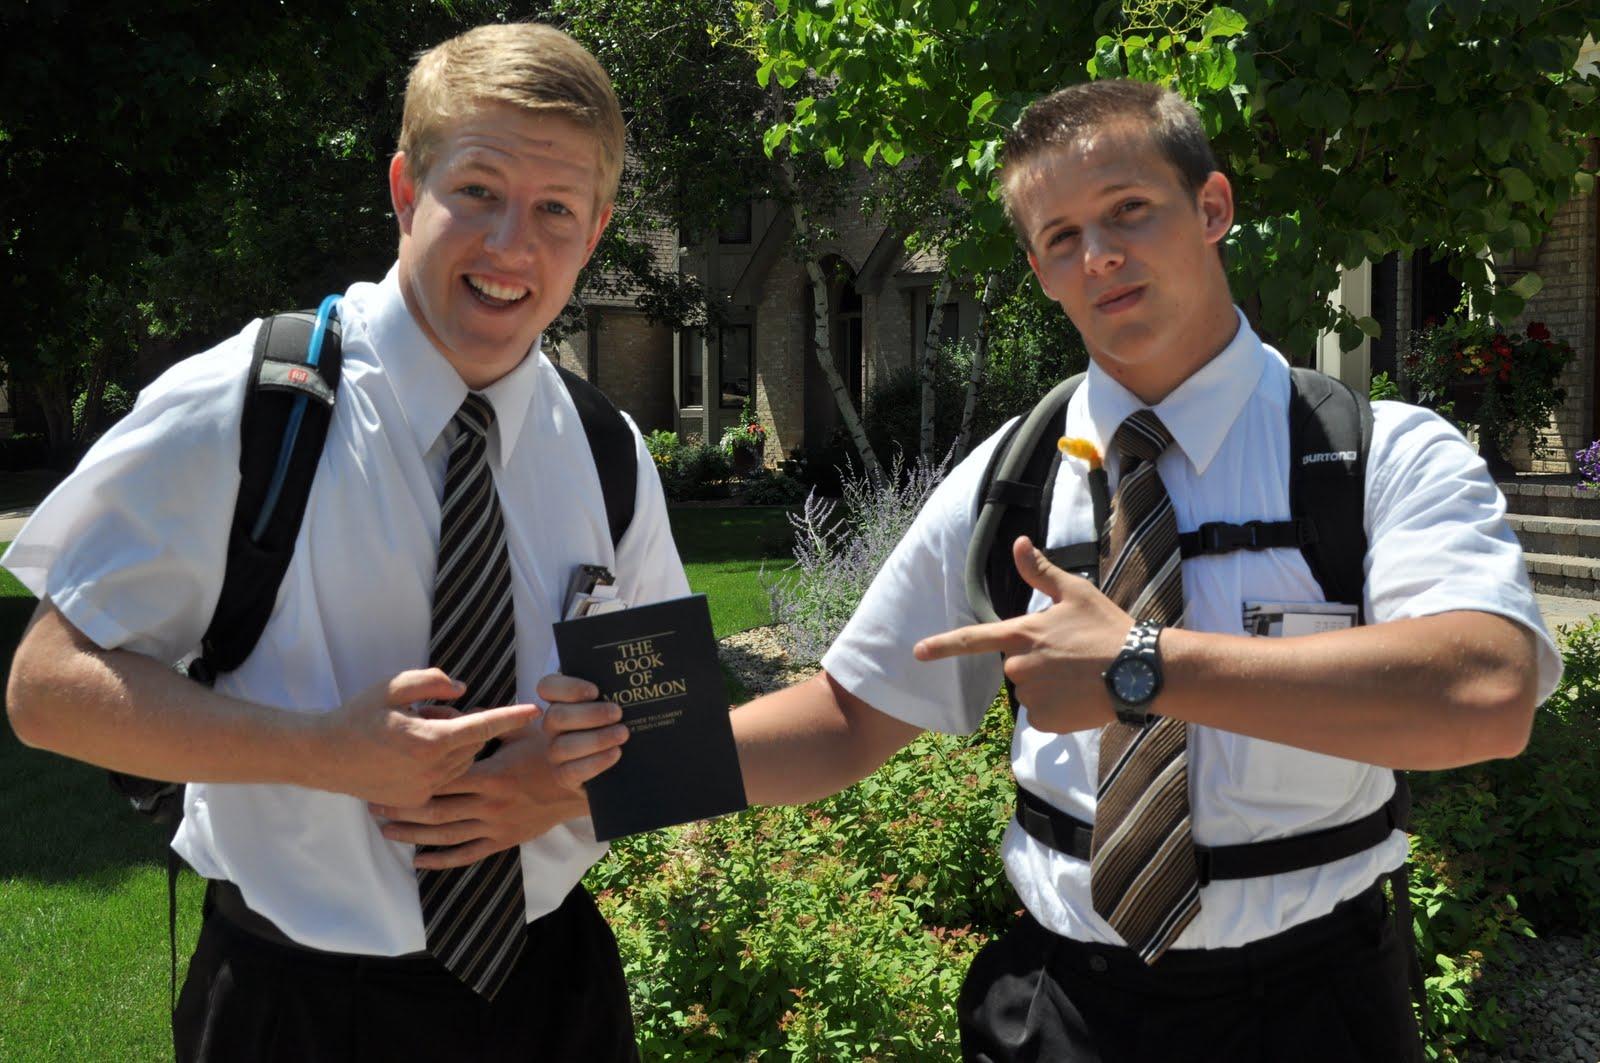 Mormonen Religion